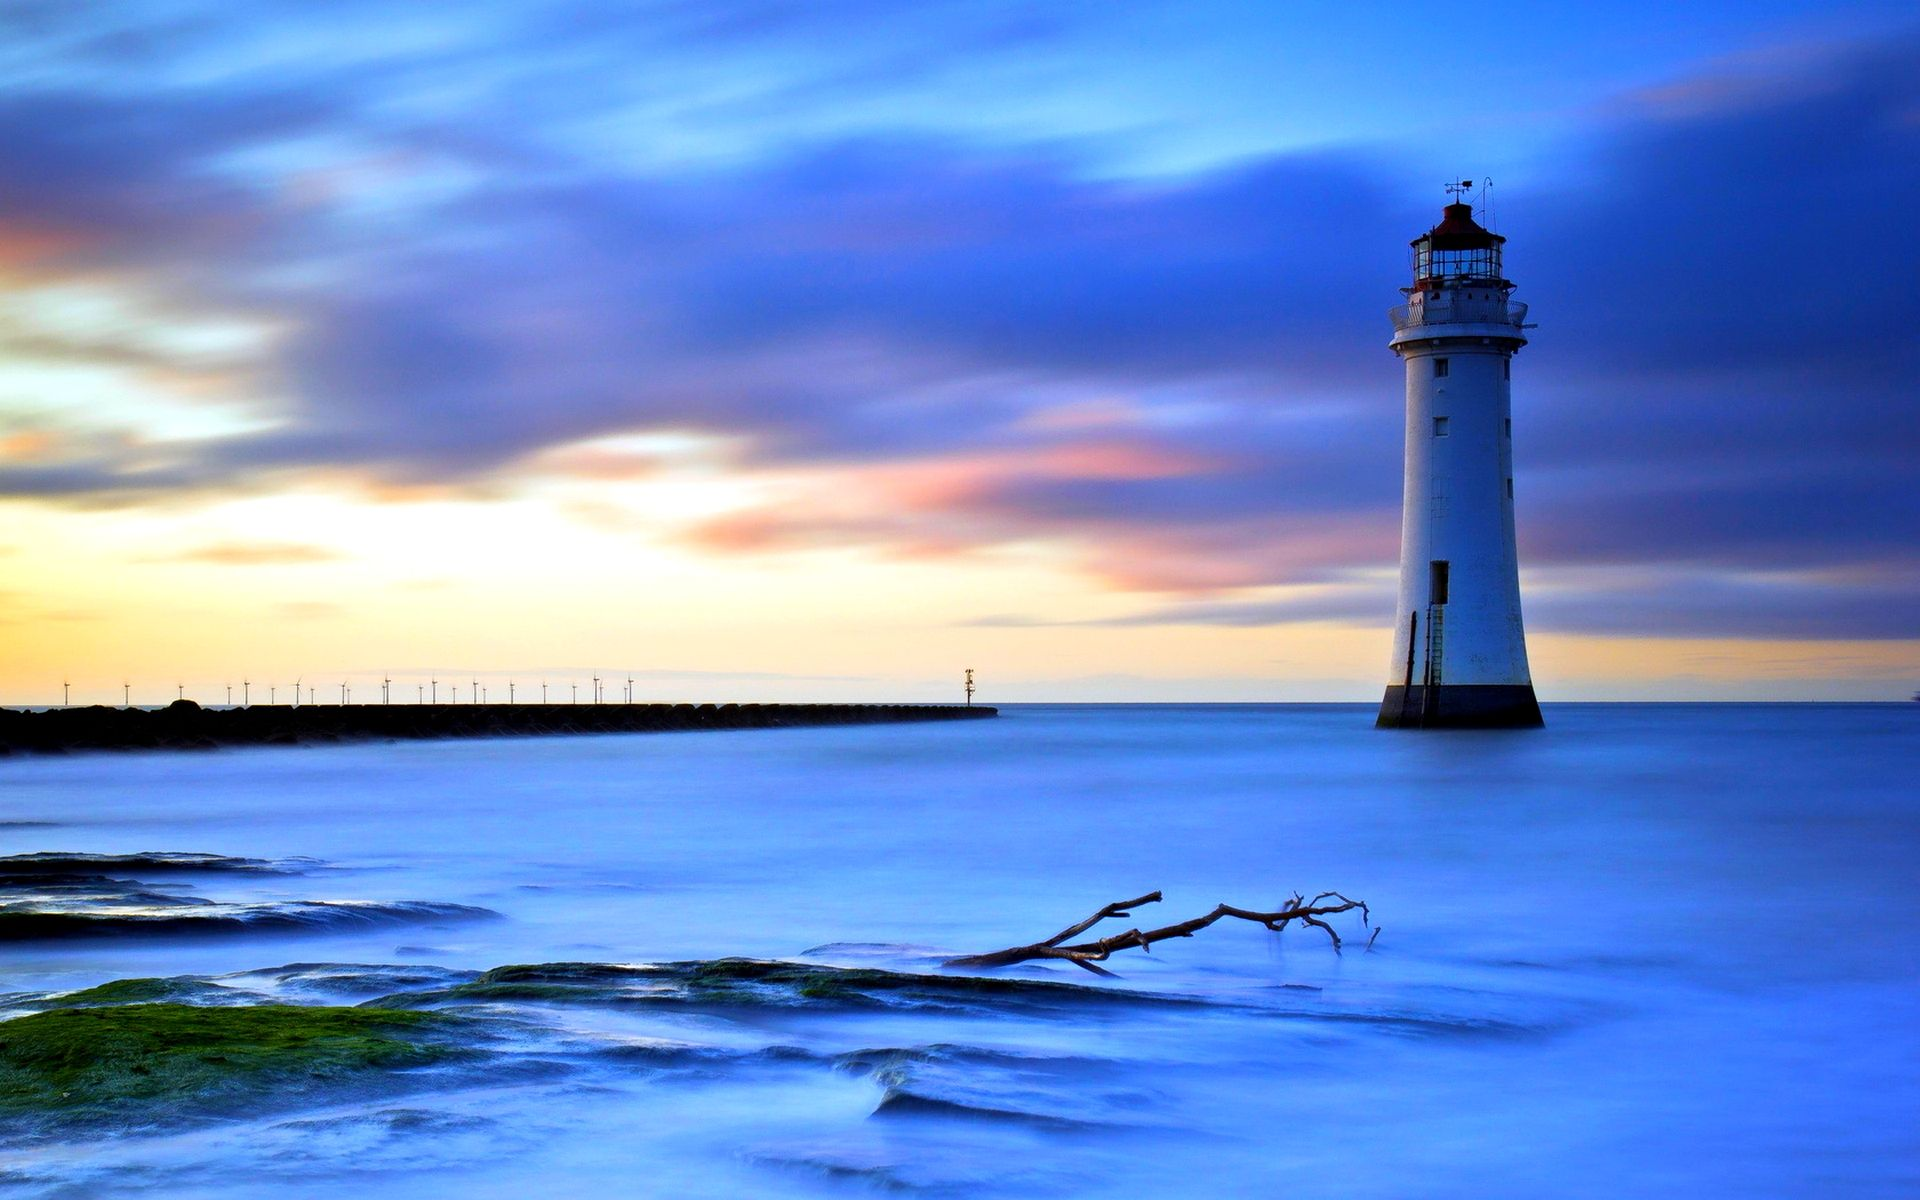 lighthouse desktop wallpaper 7900 - photo #45